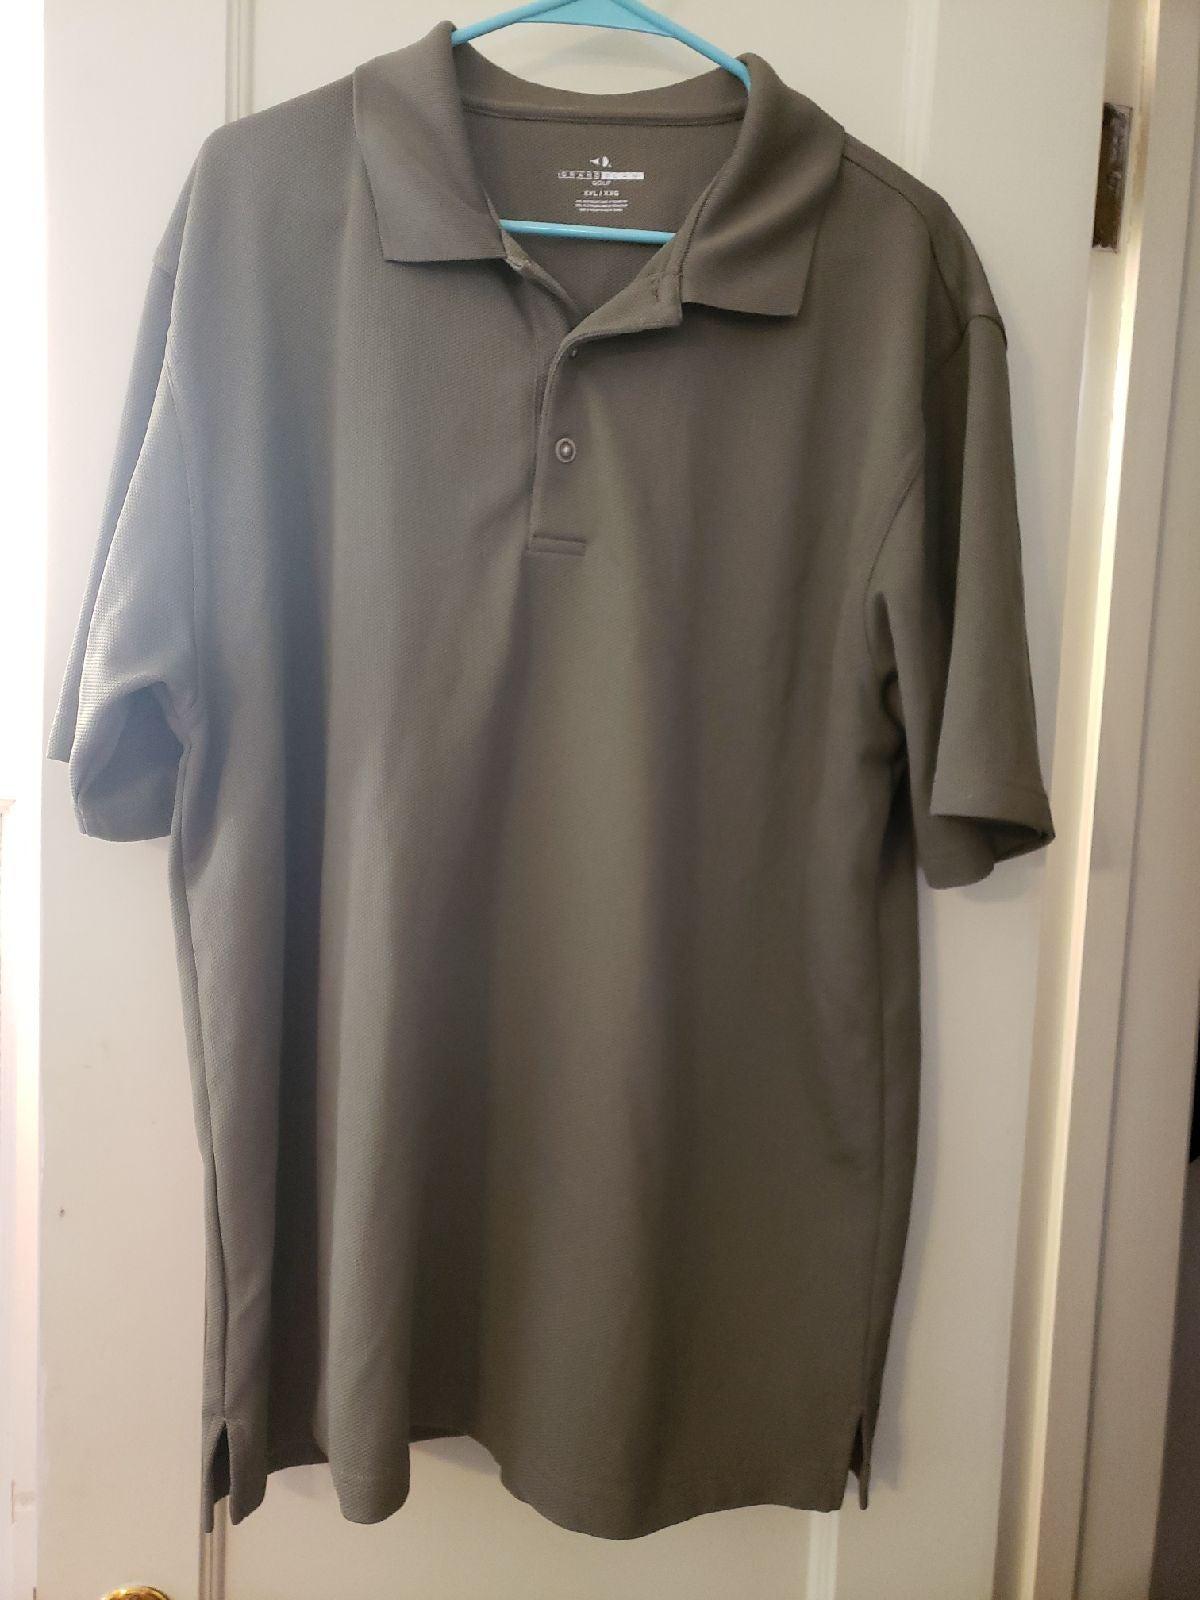 Golf grand slam XXL shirt